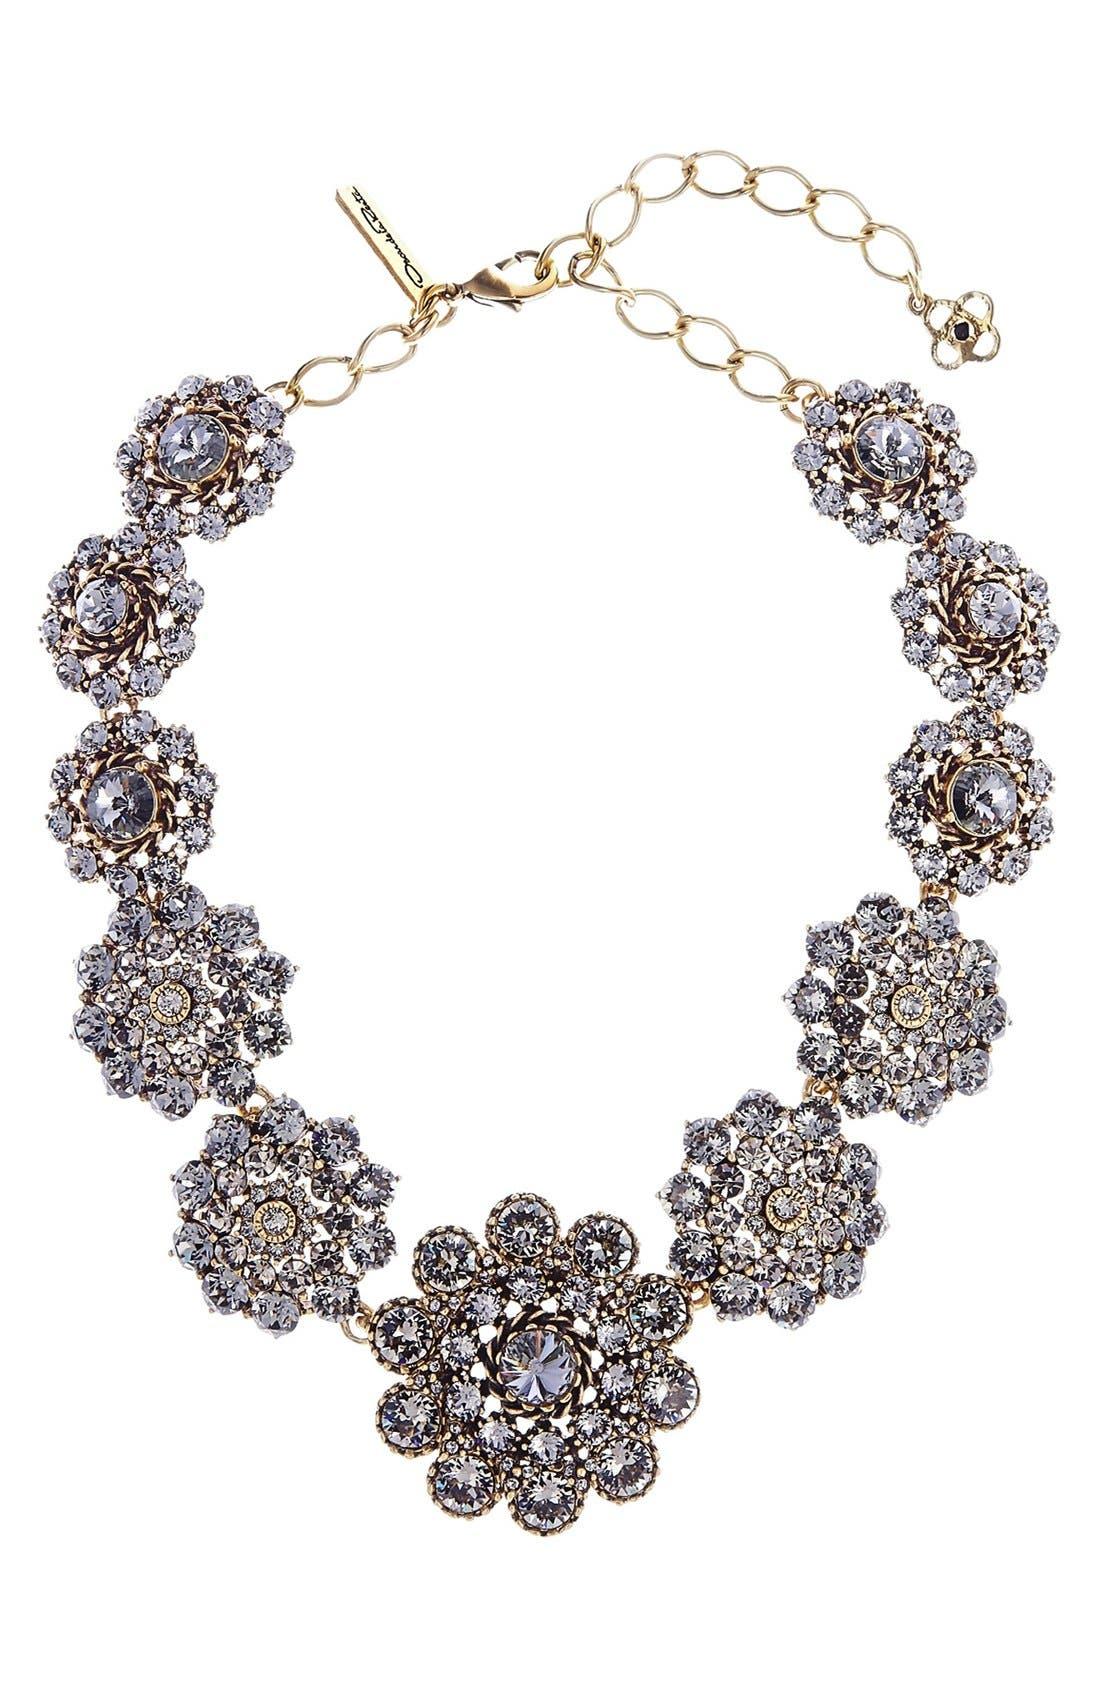 Swarovski Crystal Collar Necklace,                         Main,                         color, BLACK